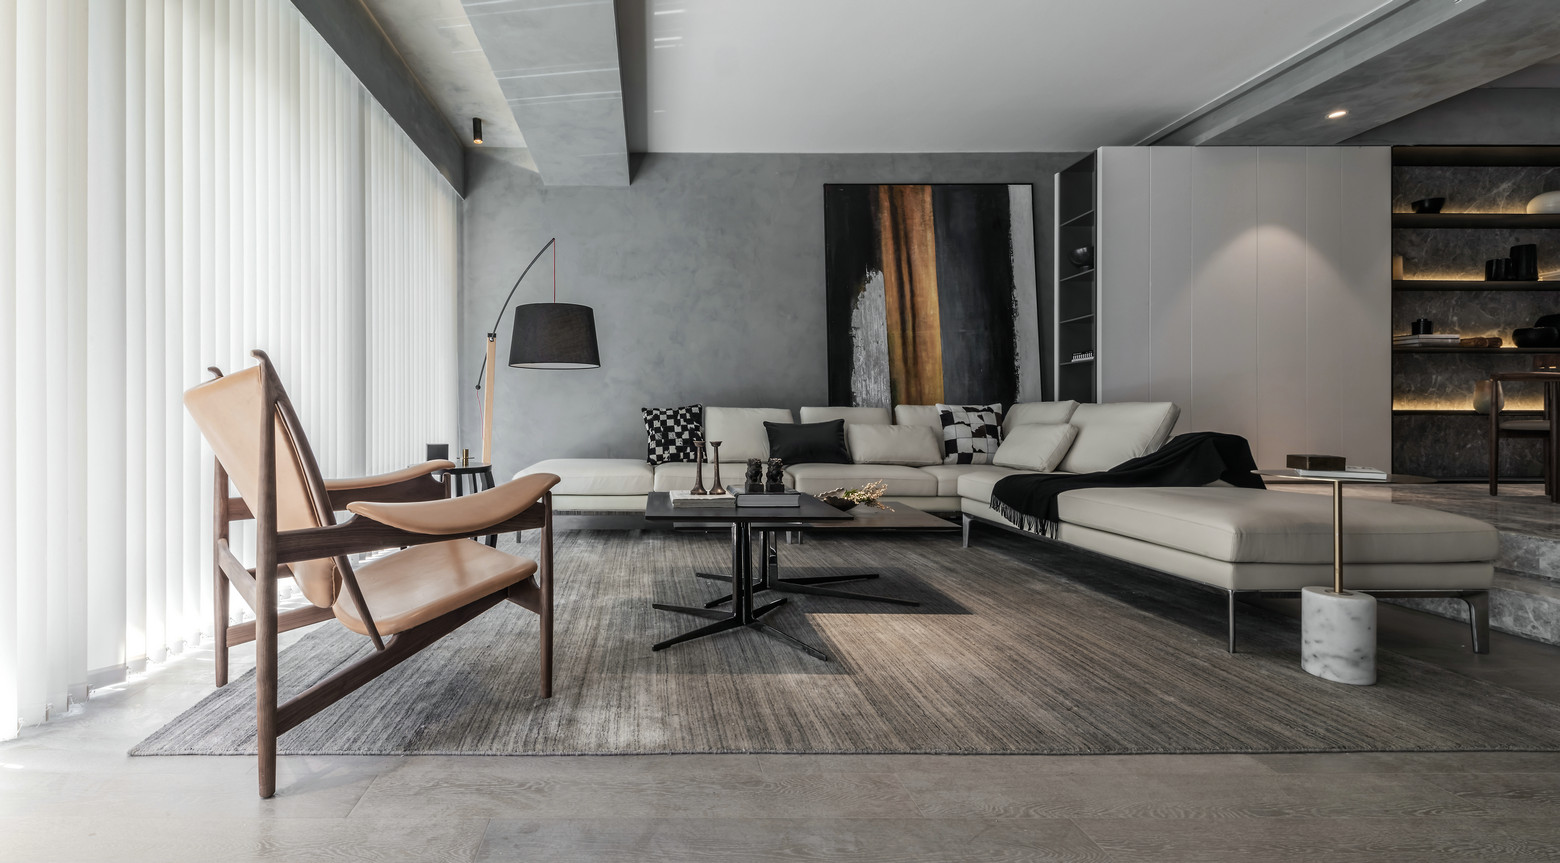 现代与传统的融合,用匠心追求极致之美 | LWD梵池设计。